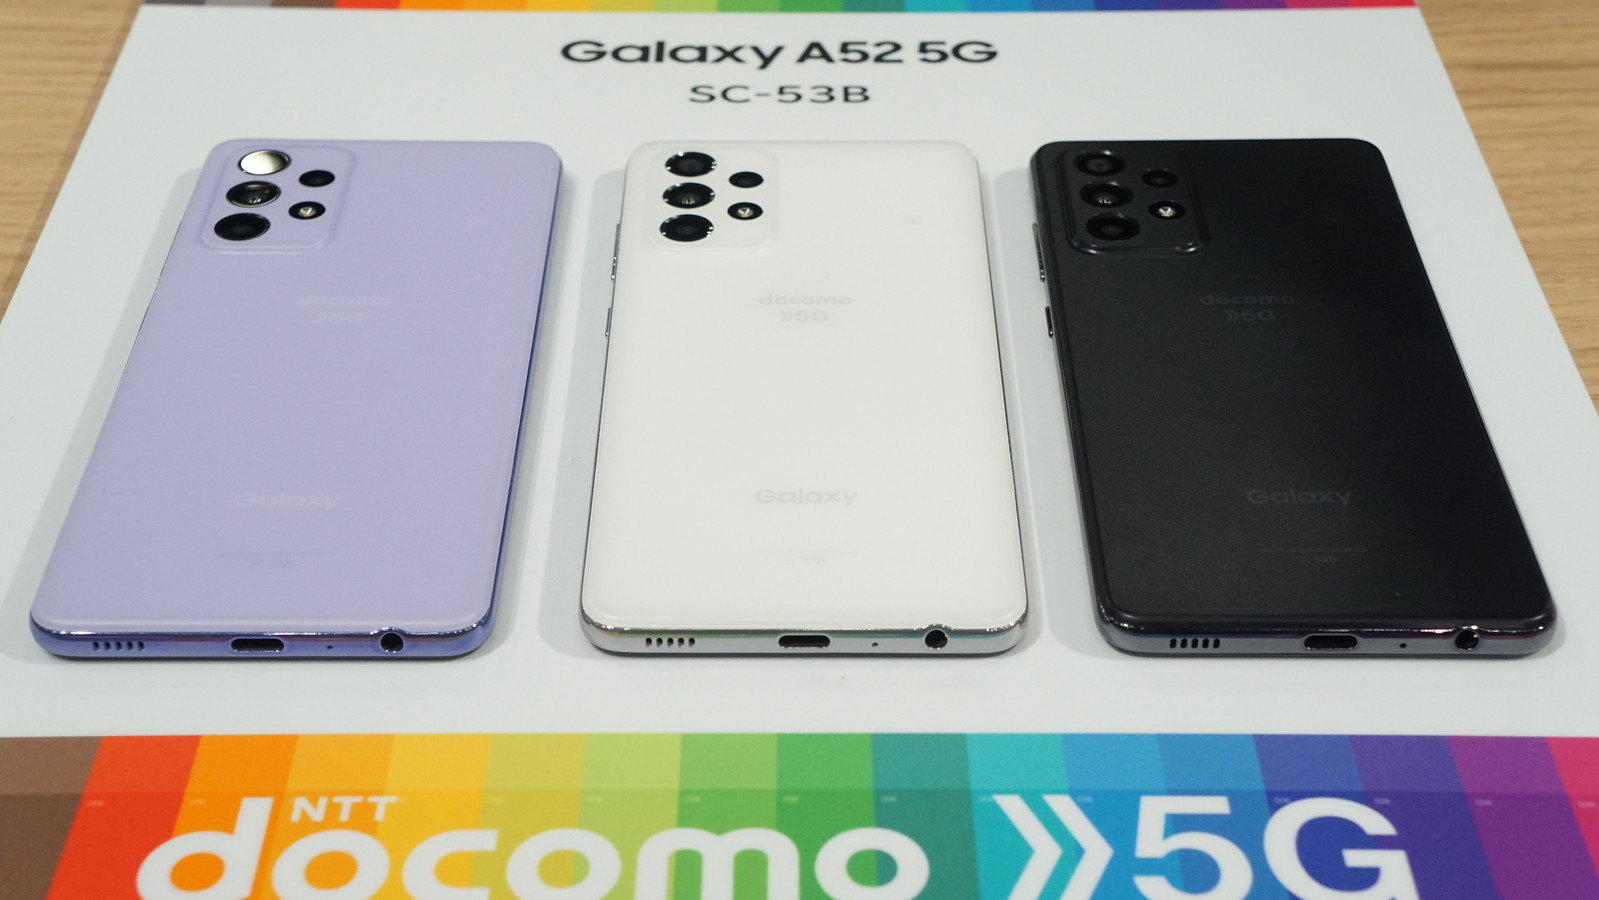 ドコモ、「Galaxy A52」を6月3日発売。価格は5.9万円、のりかえ3.7万円